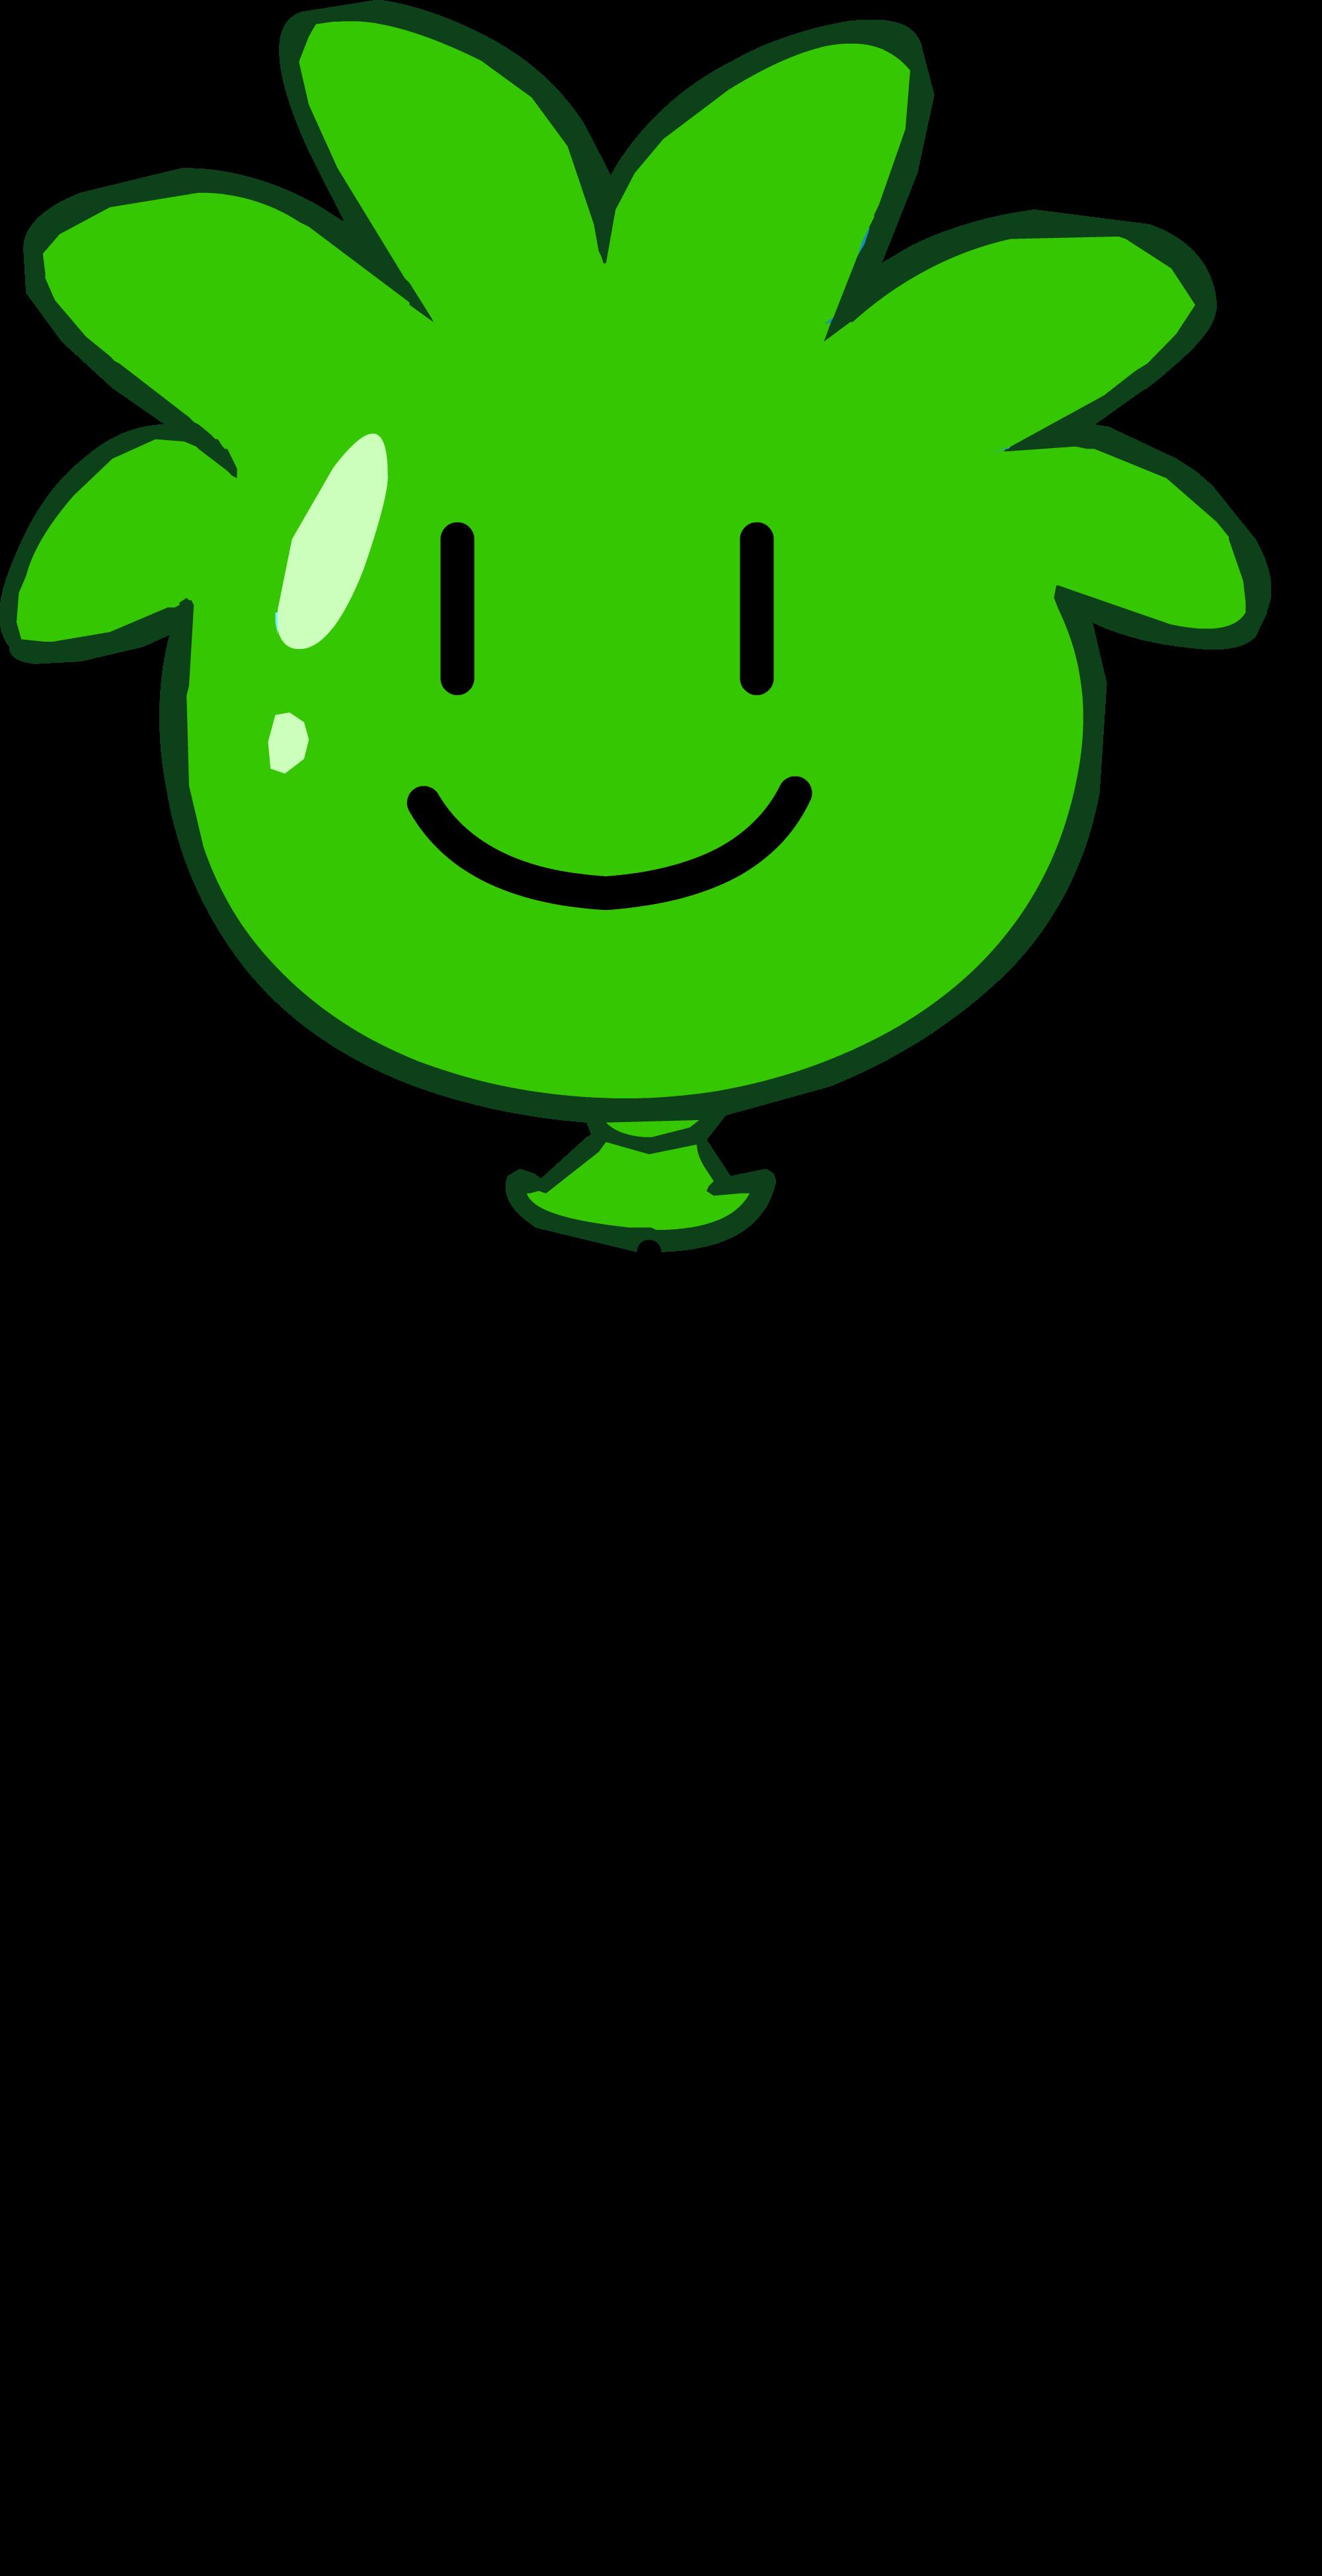 Globo de Puffle Verde